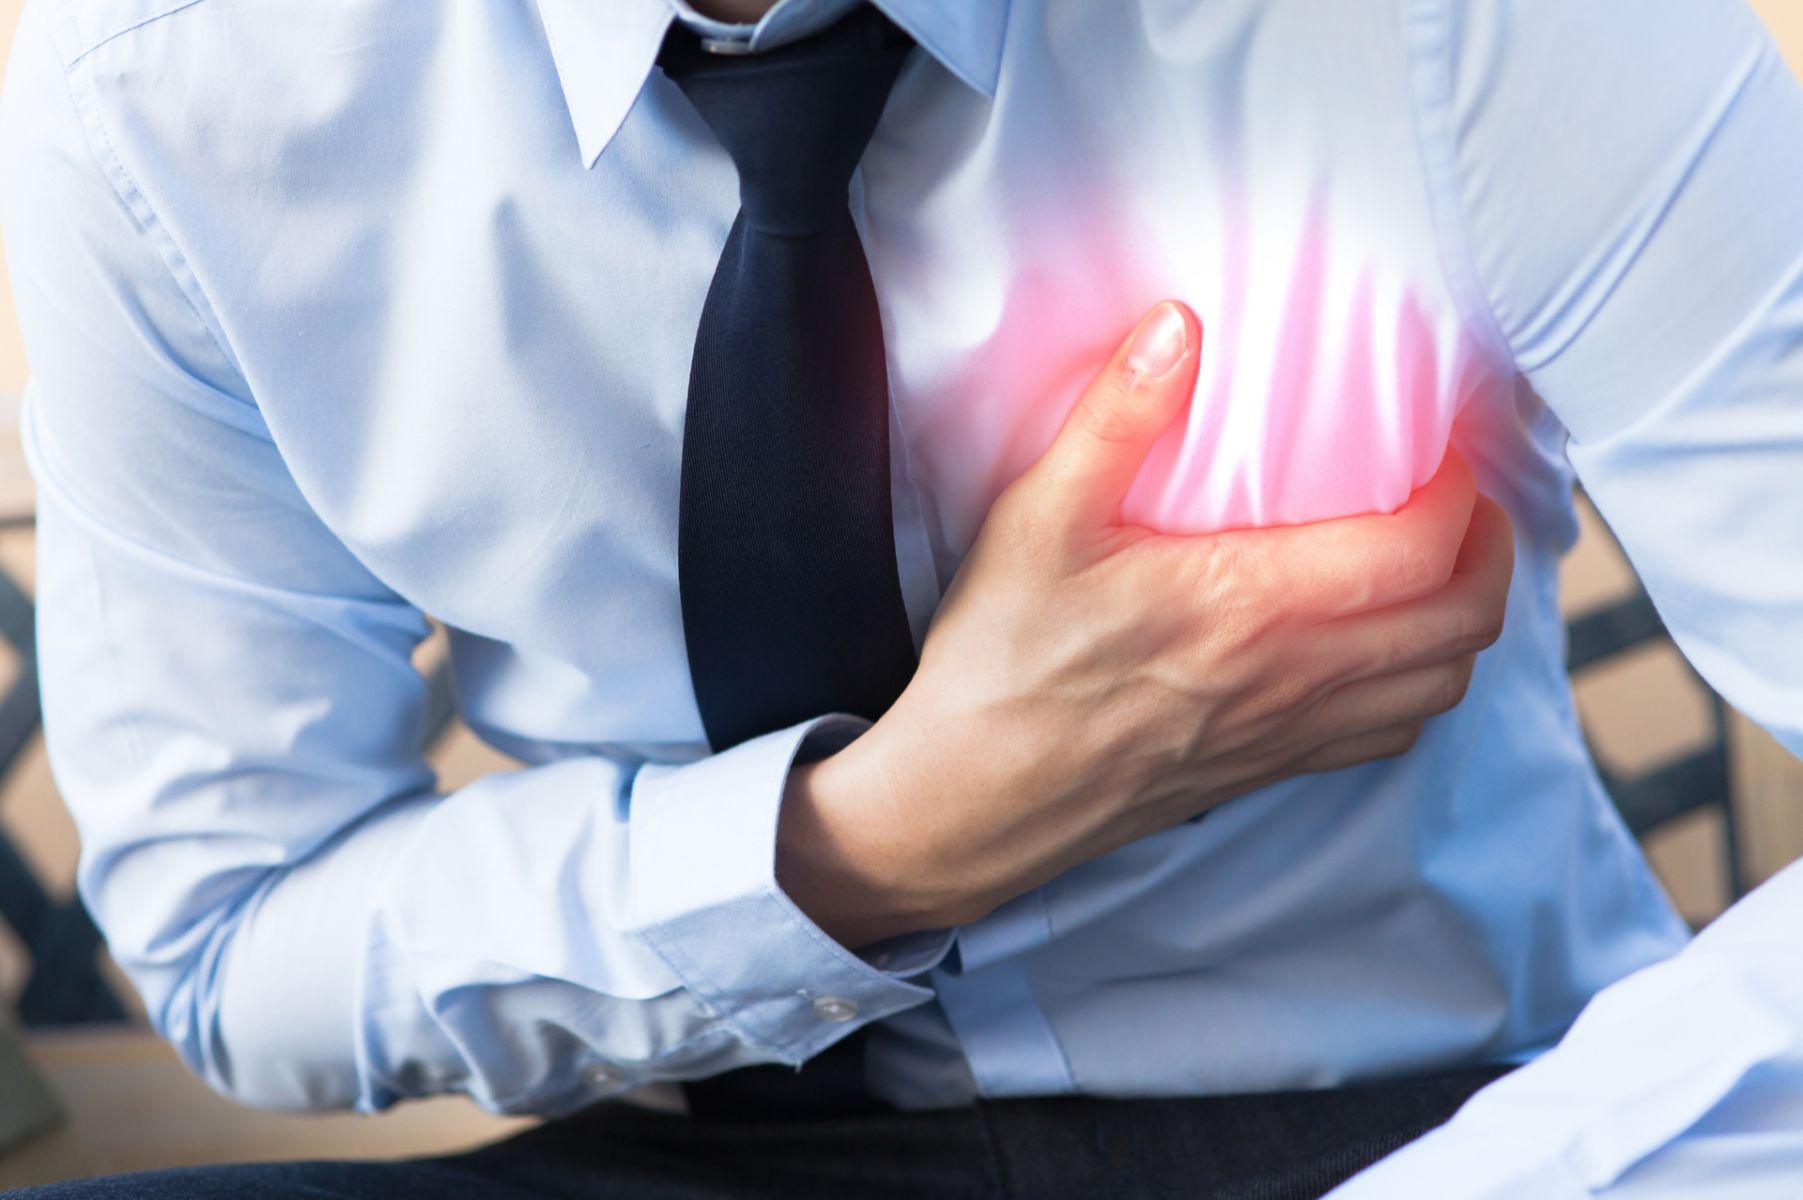 心臟病非老人專利!36歲男子心肌梗塞 這樣做保住一命